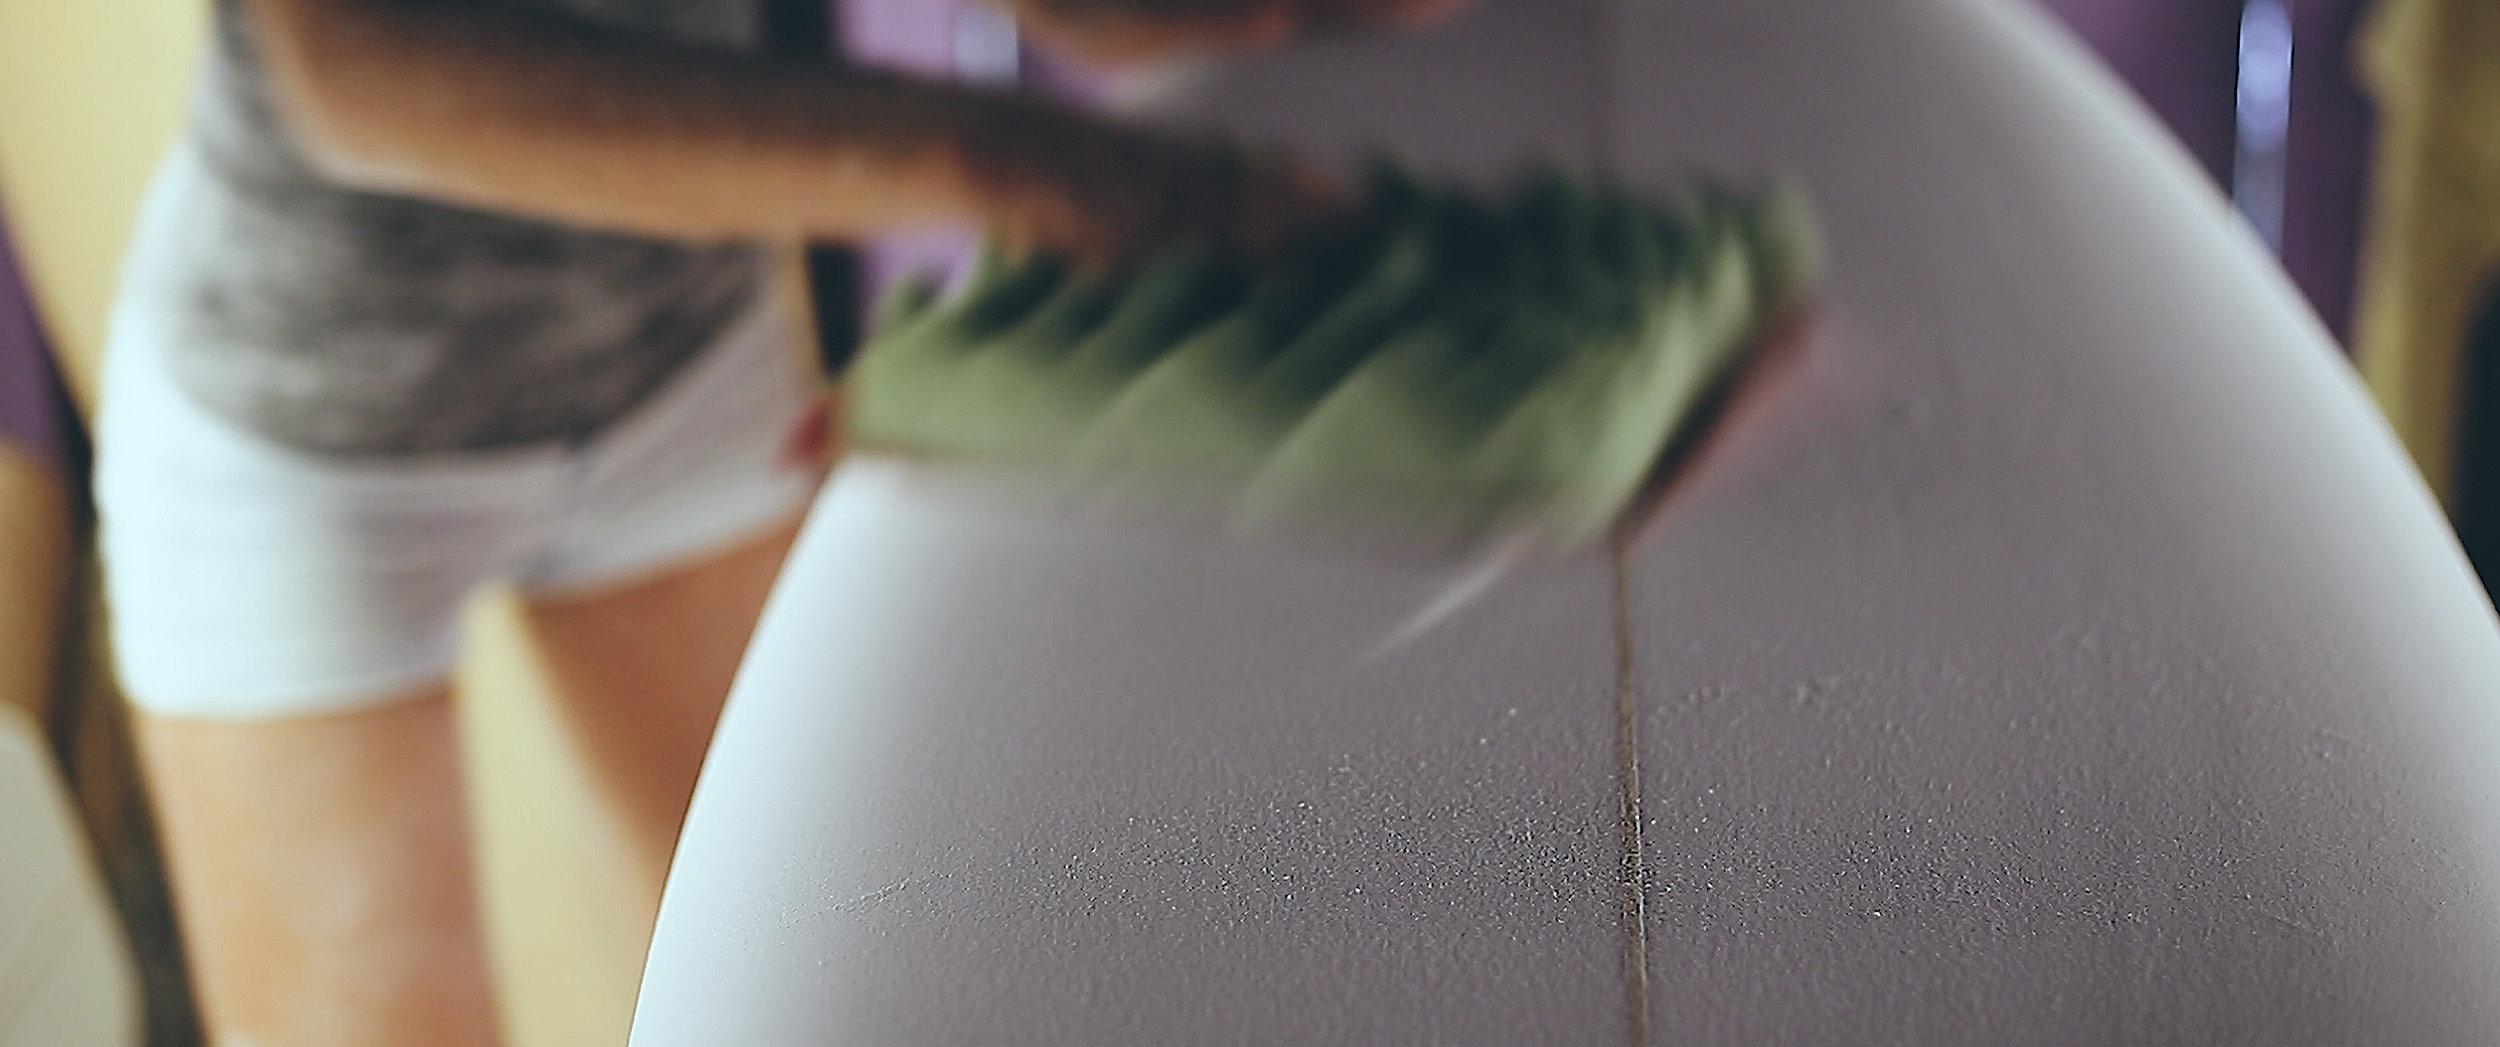 mere made surfboard_4K.00_01_31_19.Still029.jpg